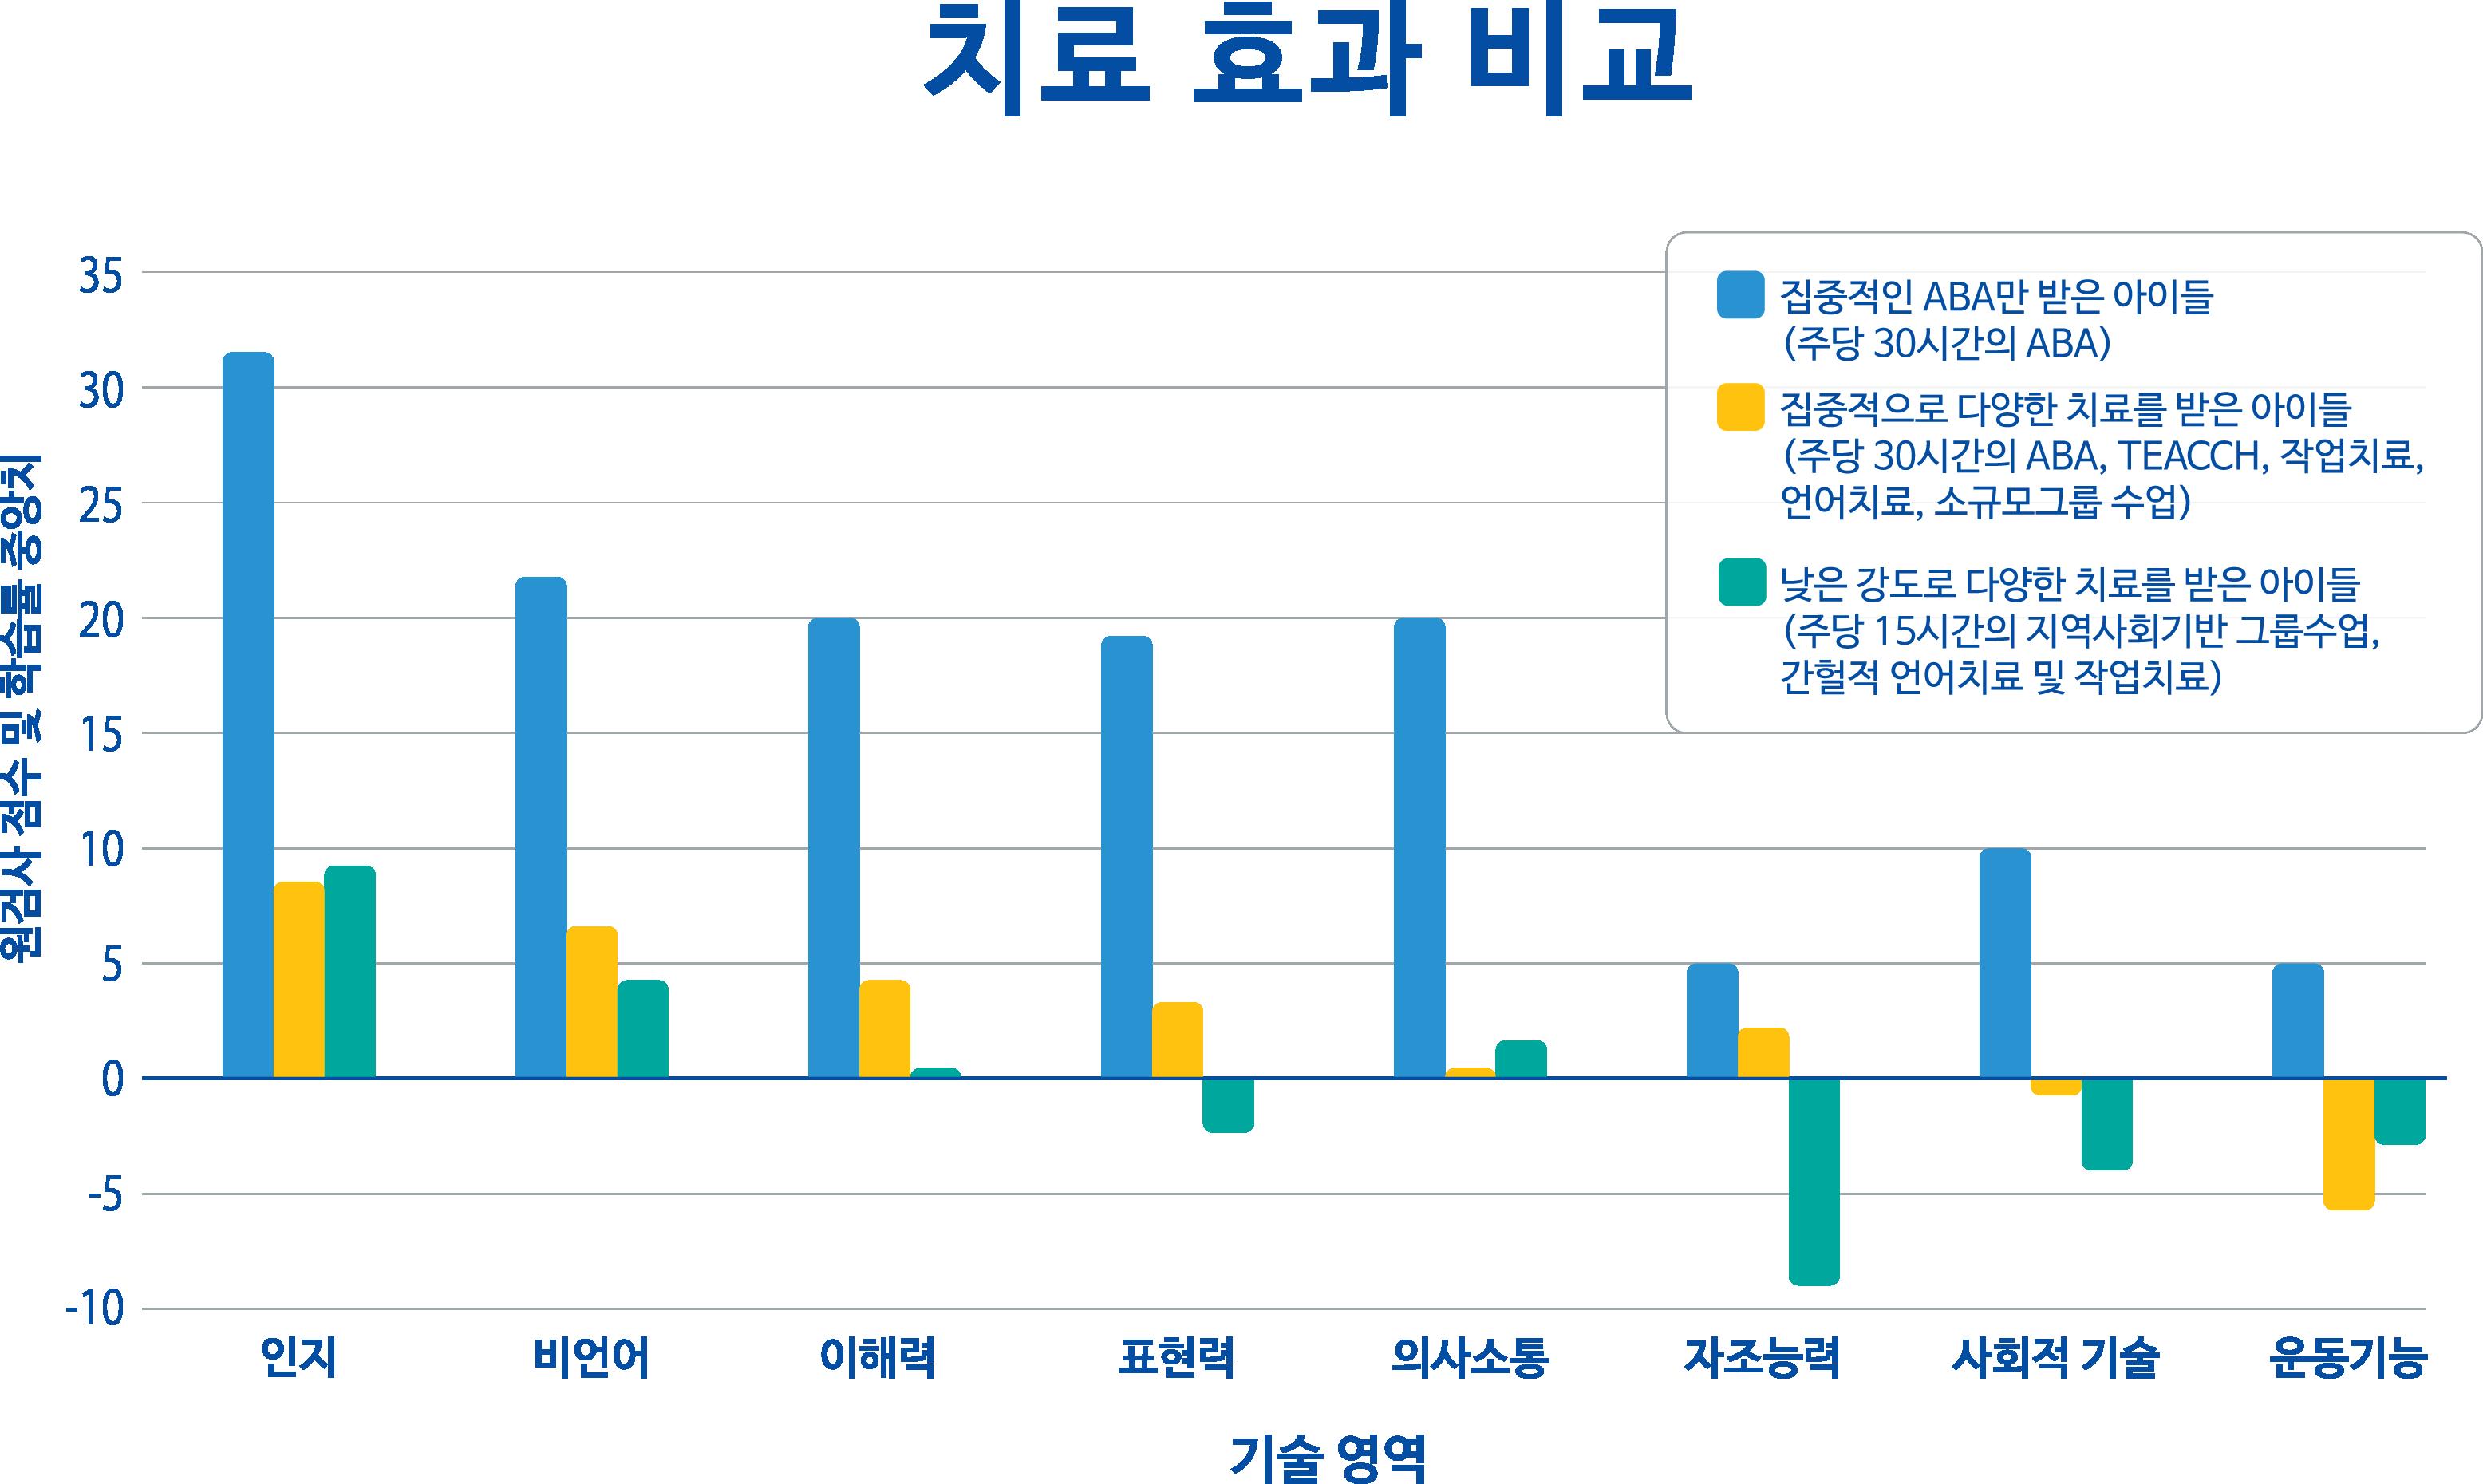 aba-comparing-treatment-gain-korean